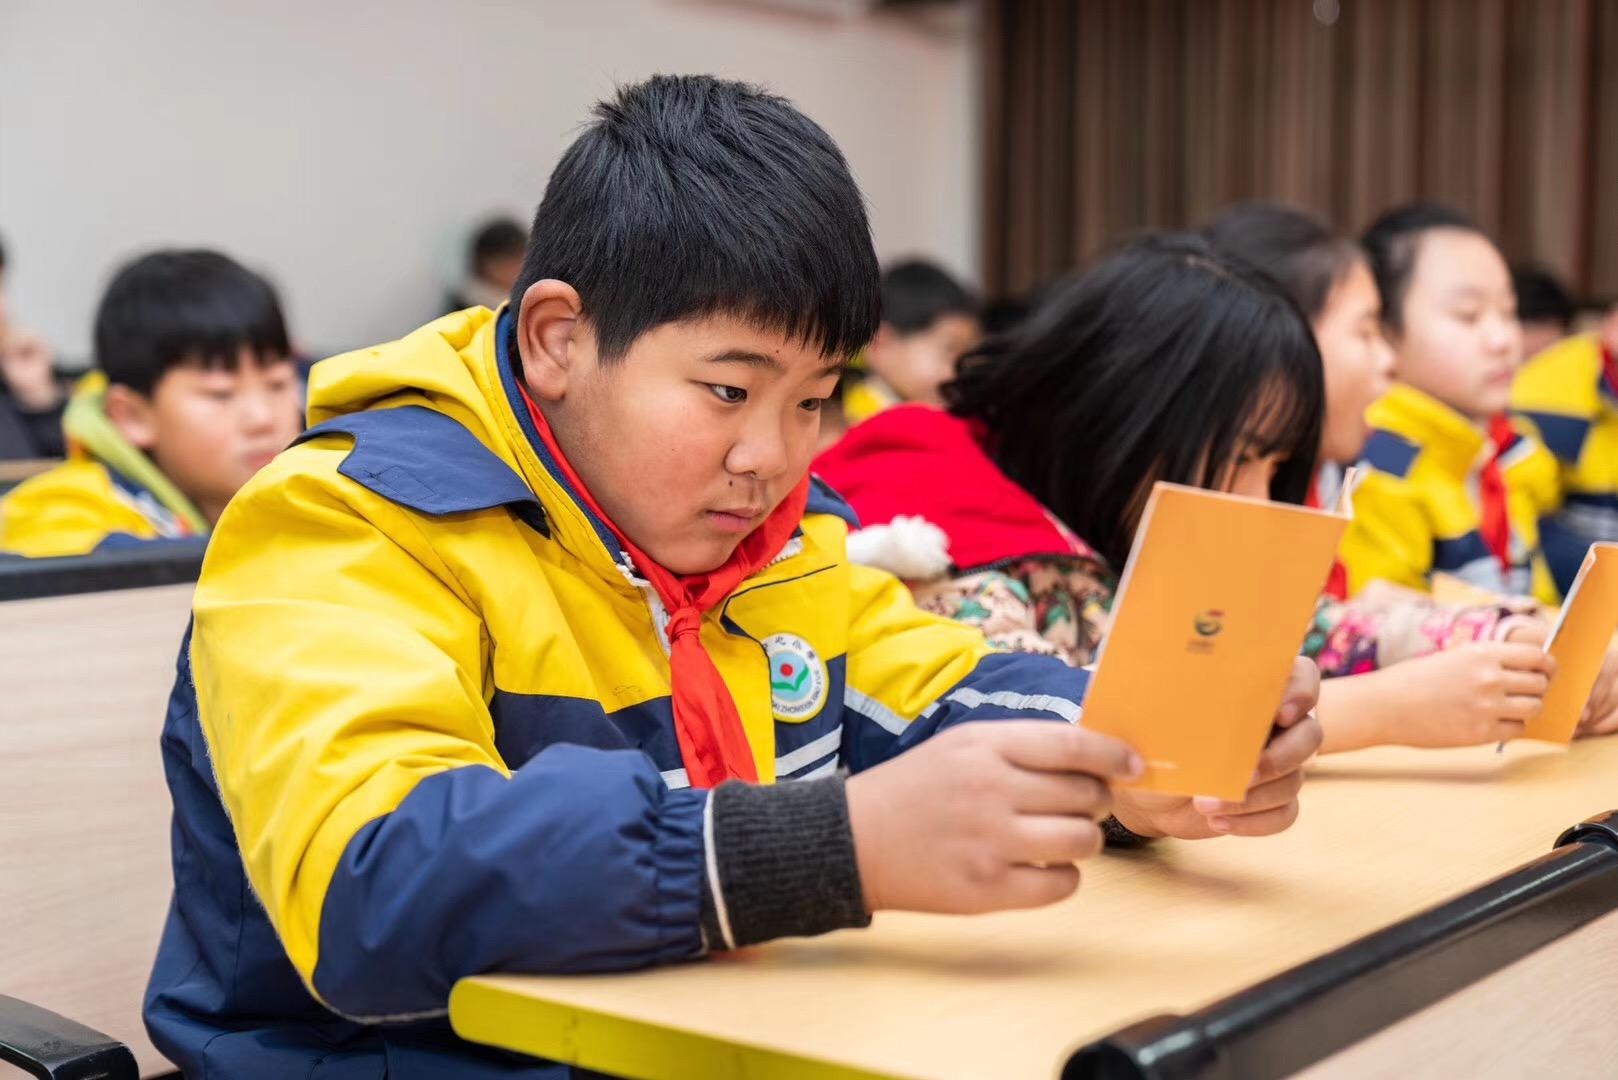 寒假里,平湖为孩子们安排了320多场活动!